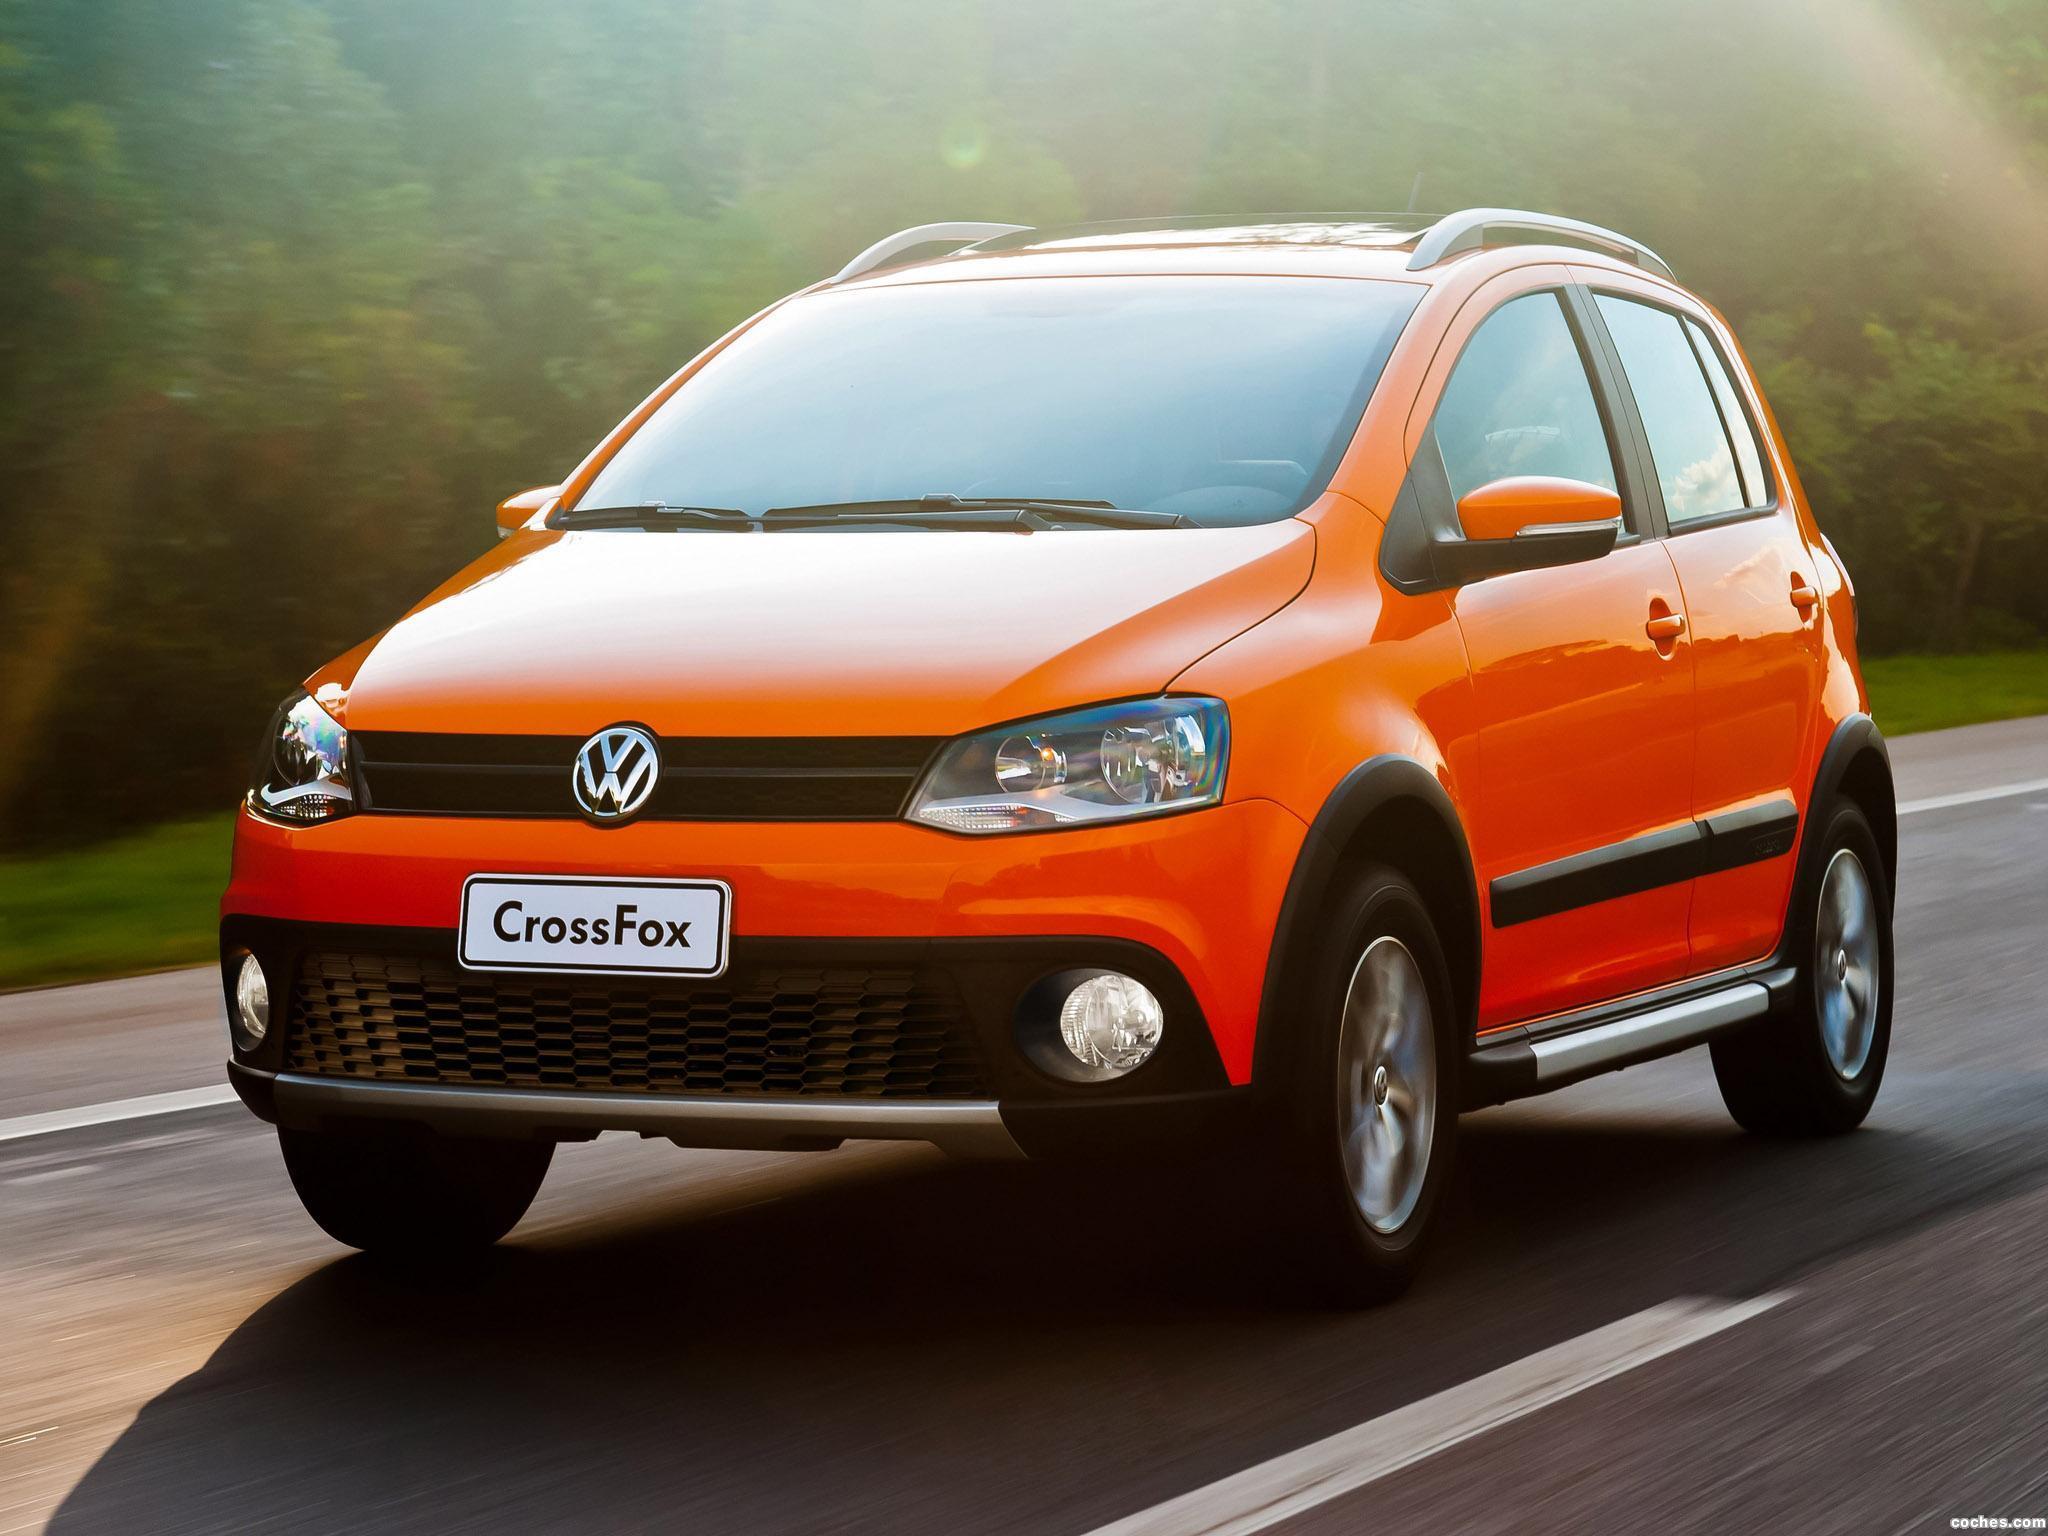 Foto 0 de Volkswagen CrossFox 2012